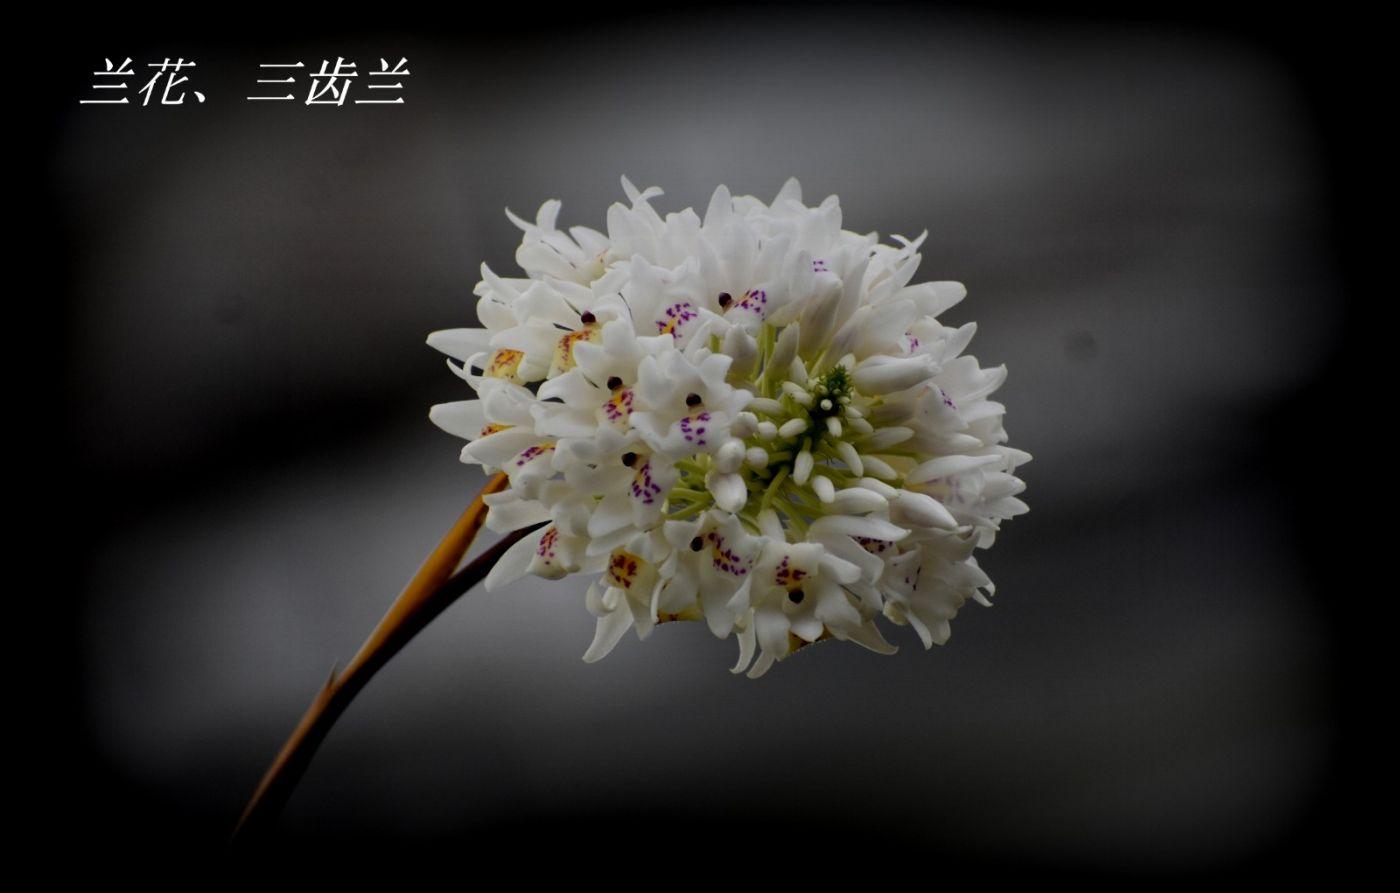 花草图谱 (6)_图1-19